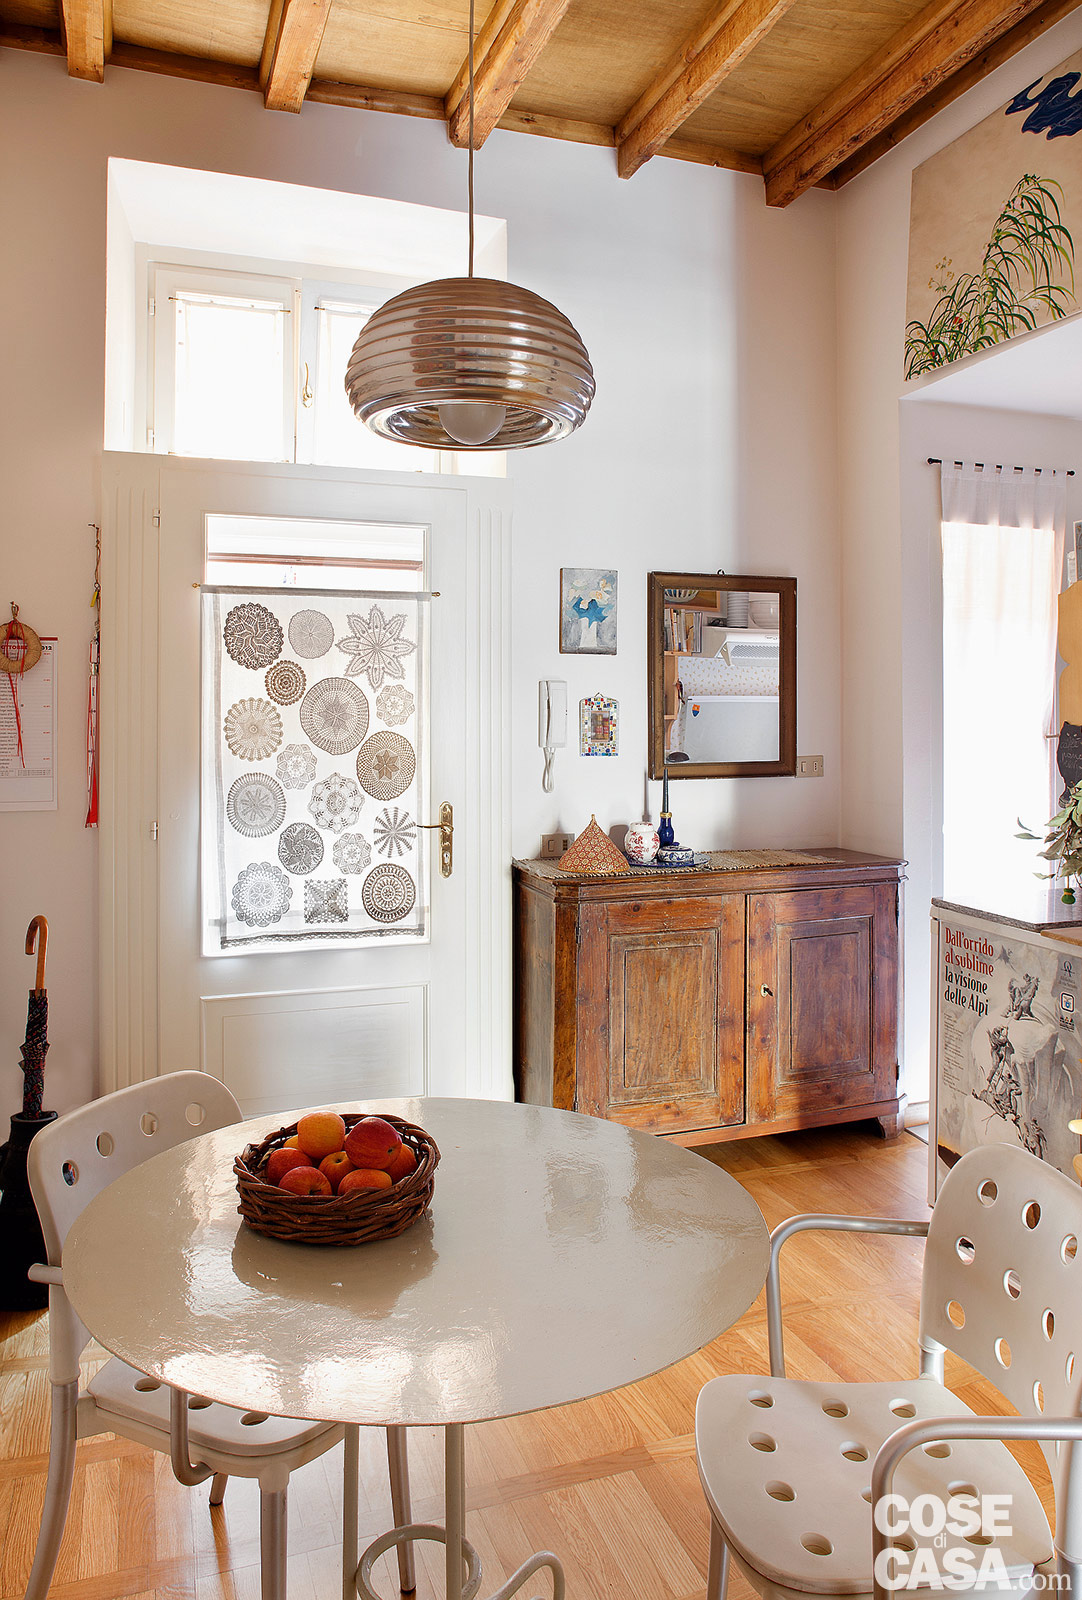 Cose di casa divano letto mago onfuton piccolo appartamento a milano 3 onfuton - Casa del divano letto ...